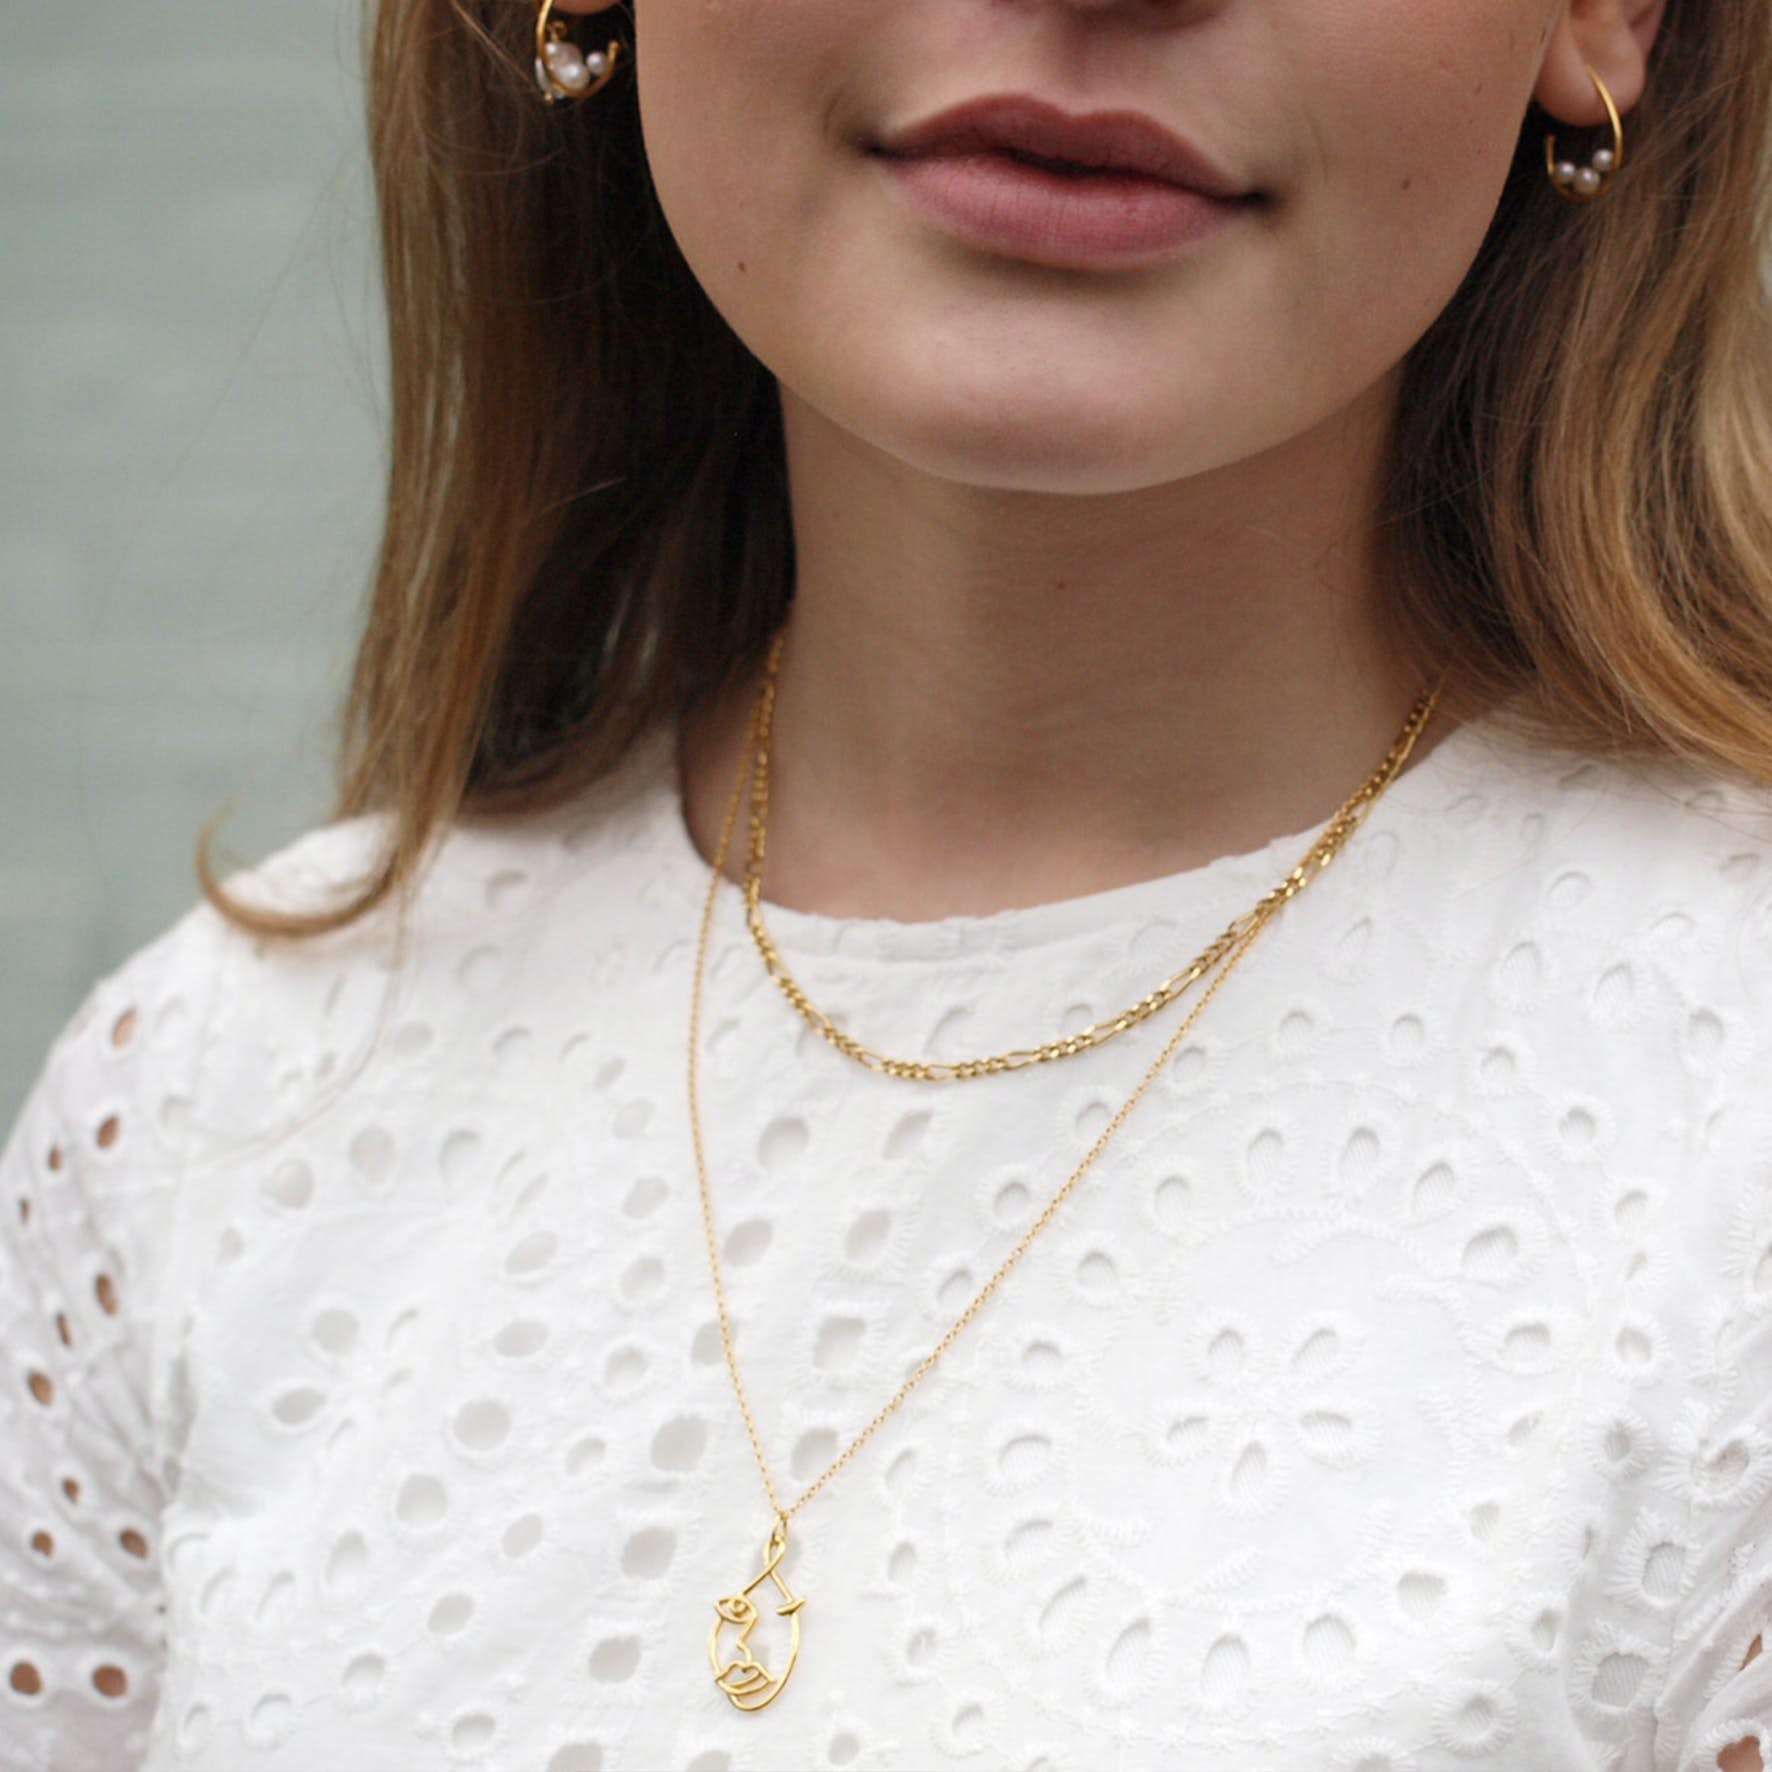 Lizzy necklace från Sistie i Förgyllt-Silver Sterling 925|Blank